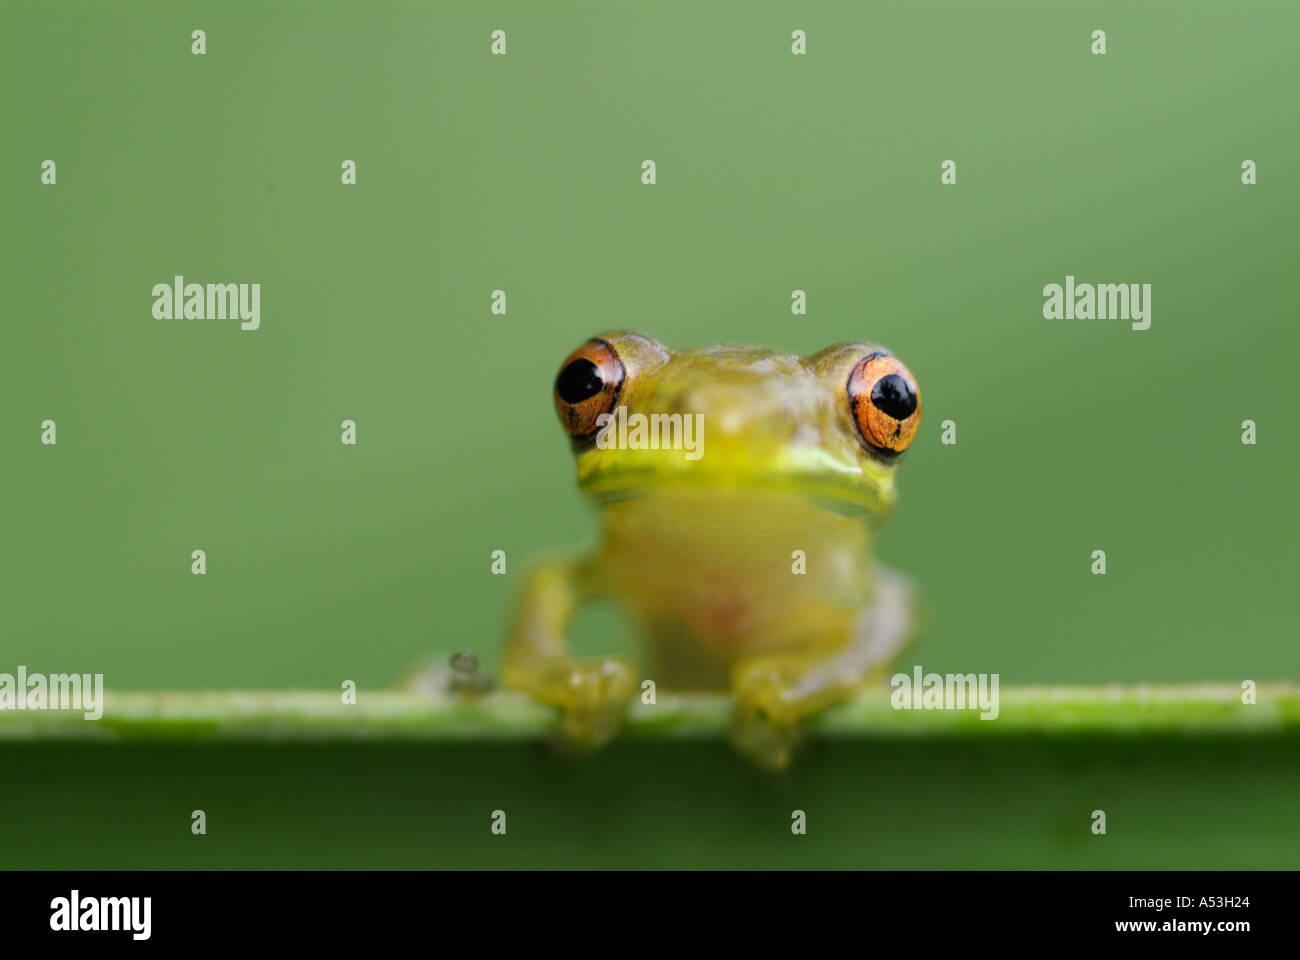 Puerto rican coqui eleutherodactylus coqui frosch reptilien amphibien fr sche stockfoto bild - Frosch auf englisch ...